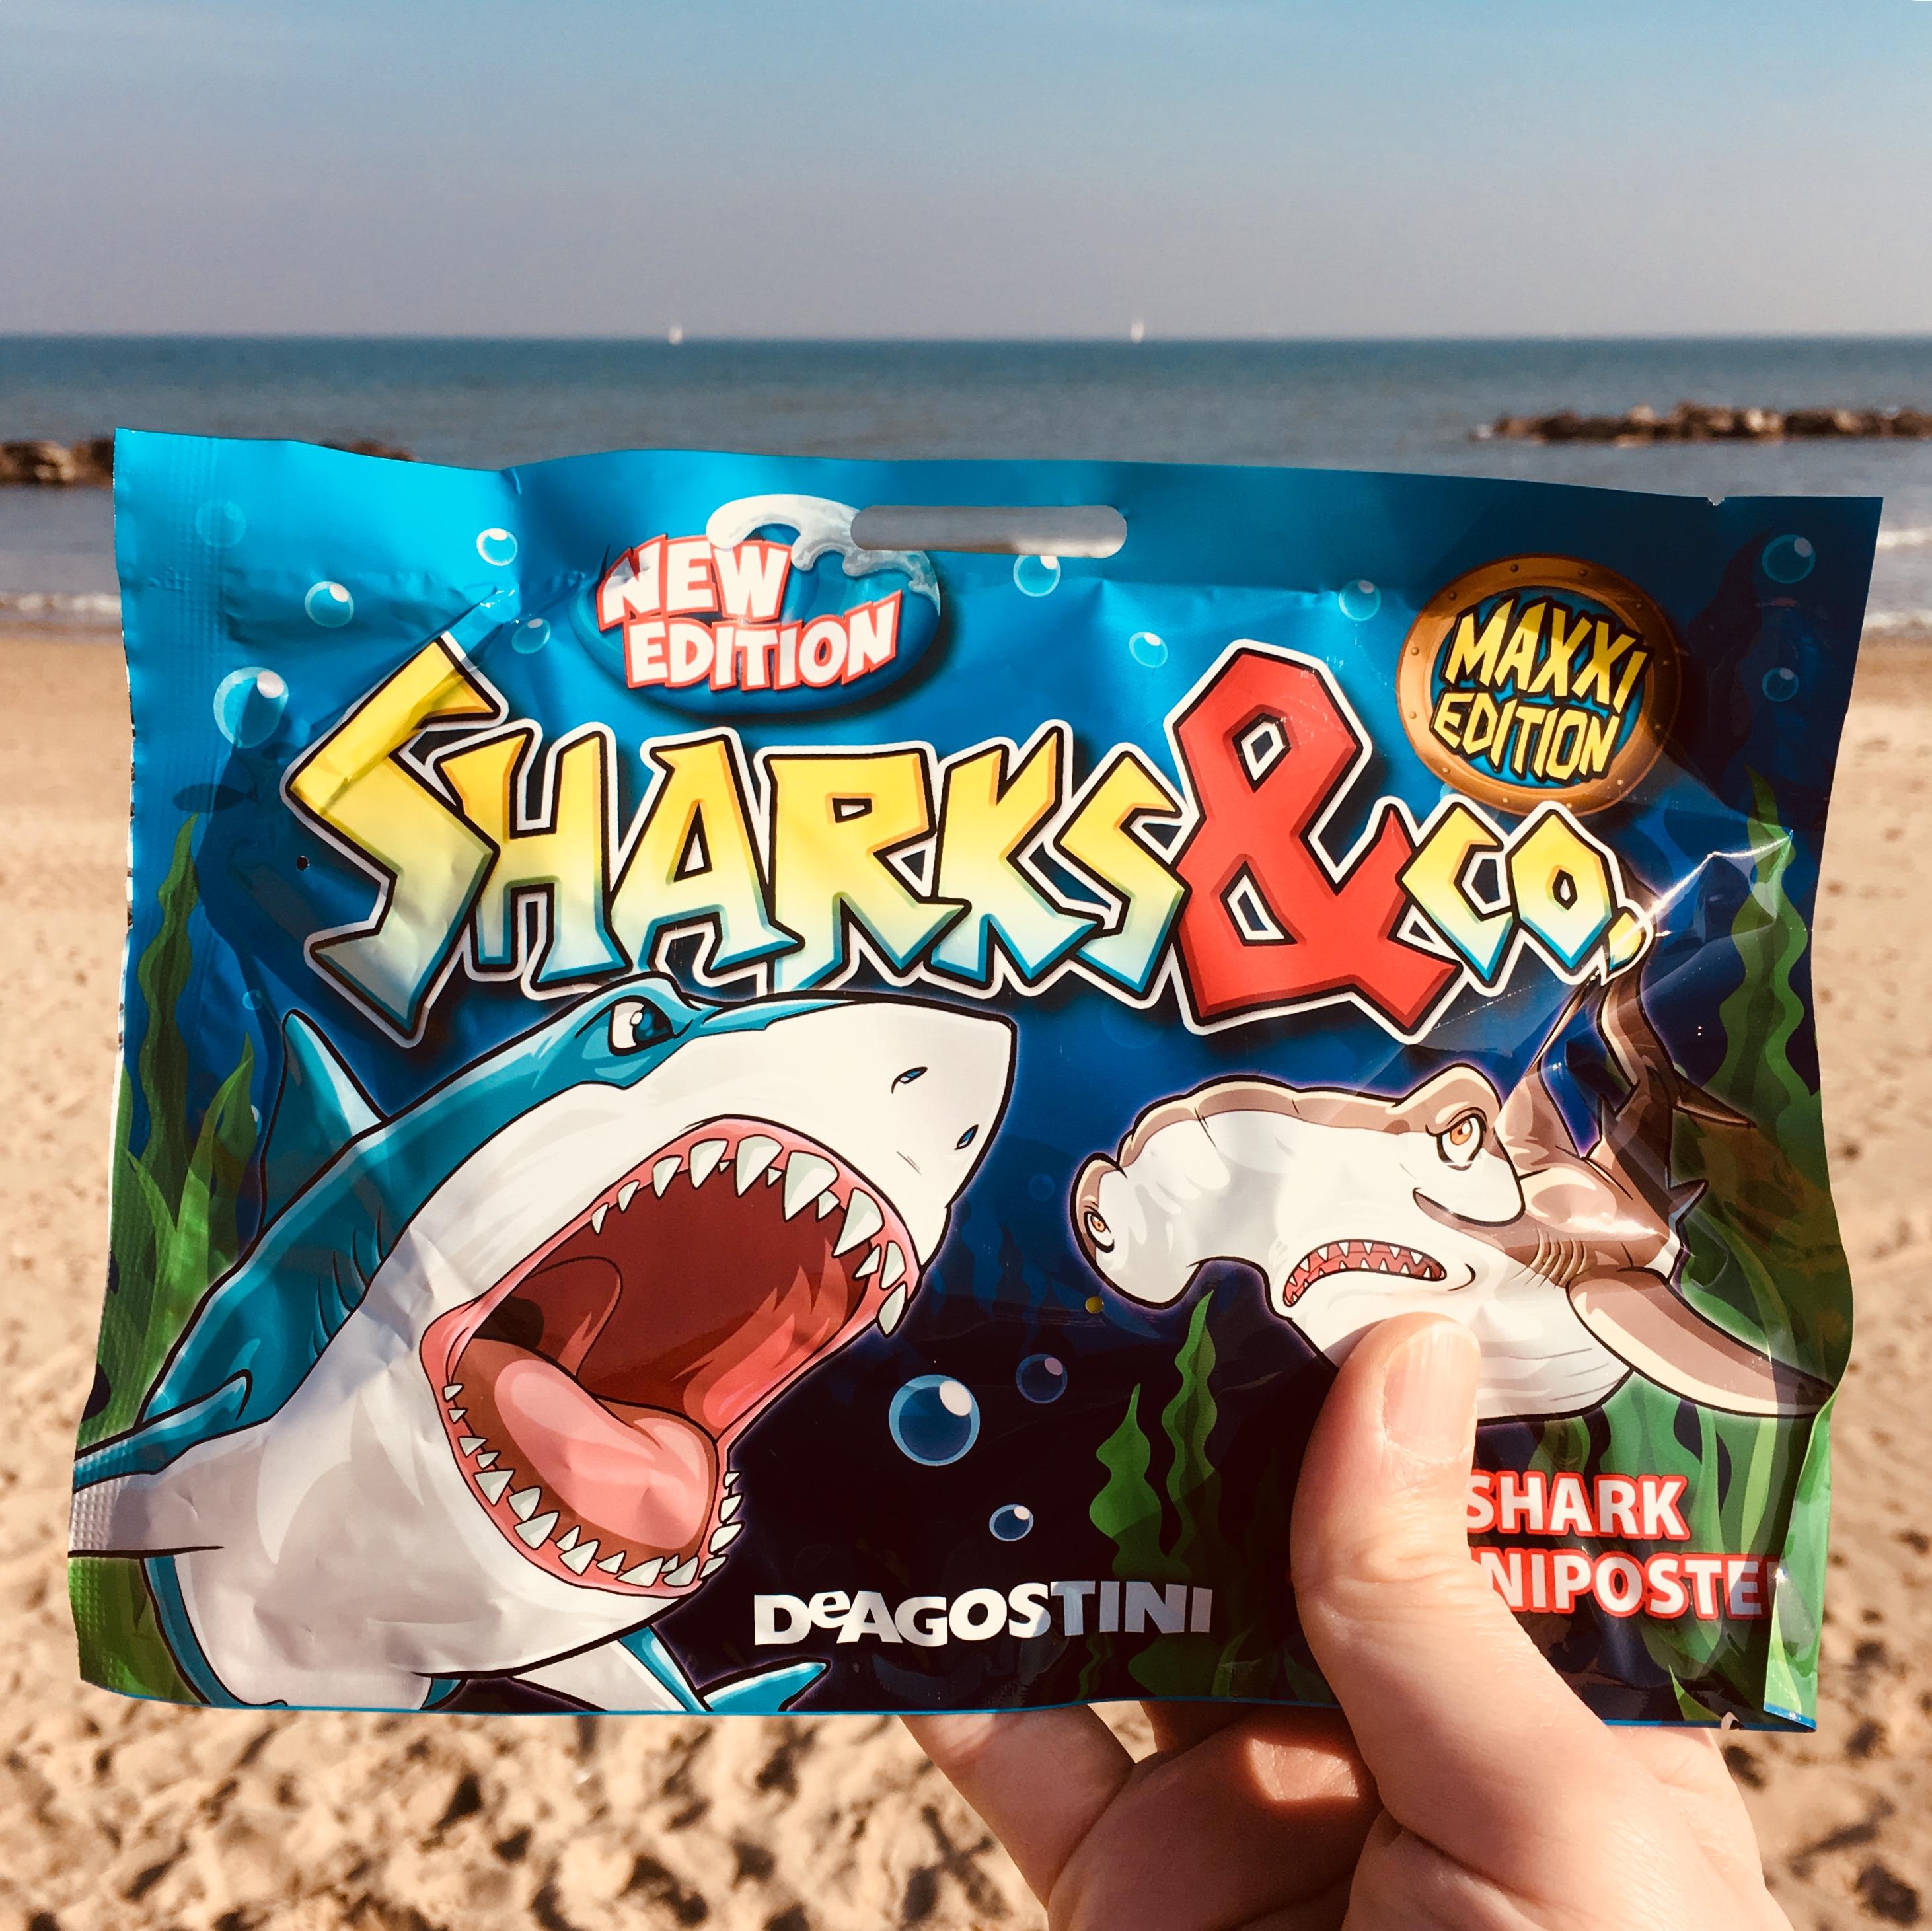 Shark&Co attack!